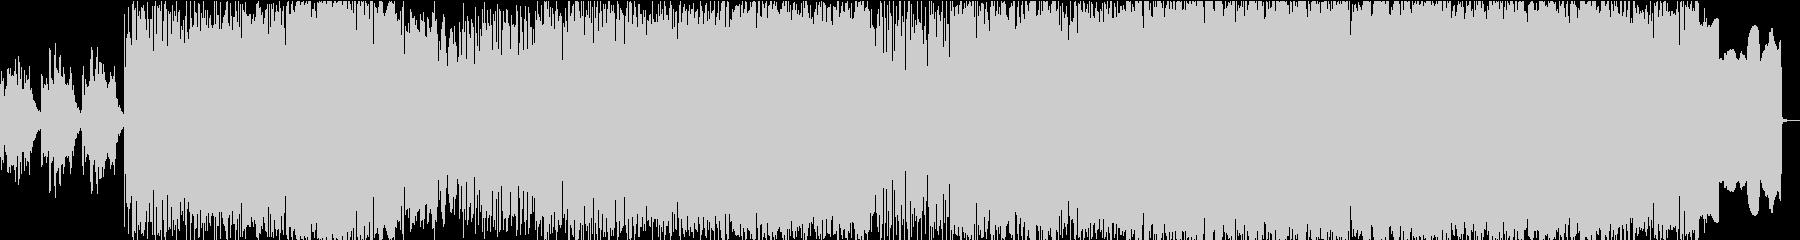 怪しいスムースダークなエレクトロニックの未再生の波形